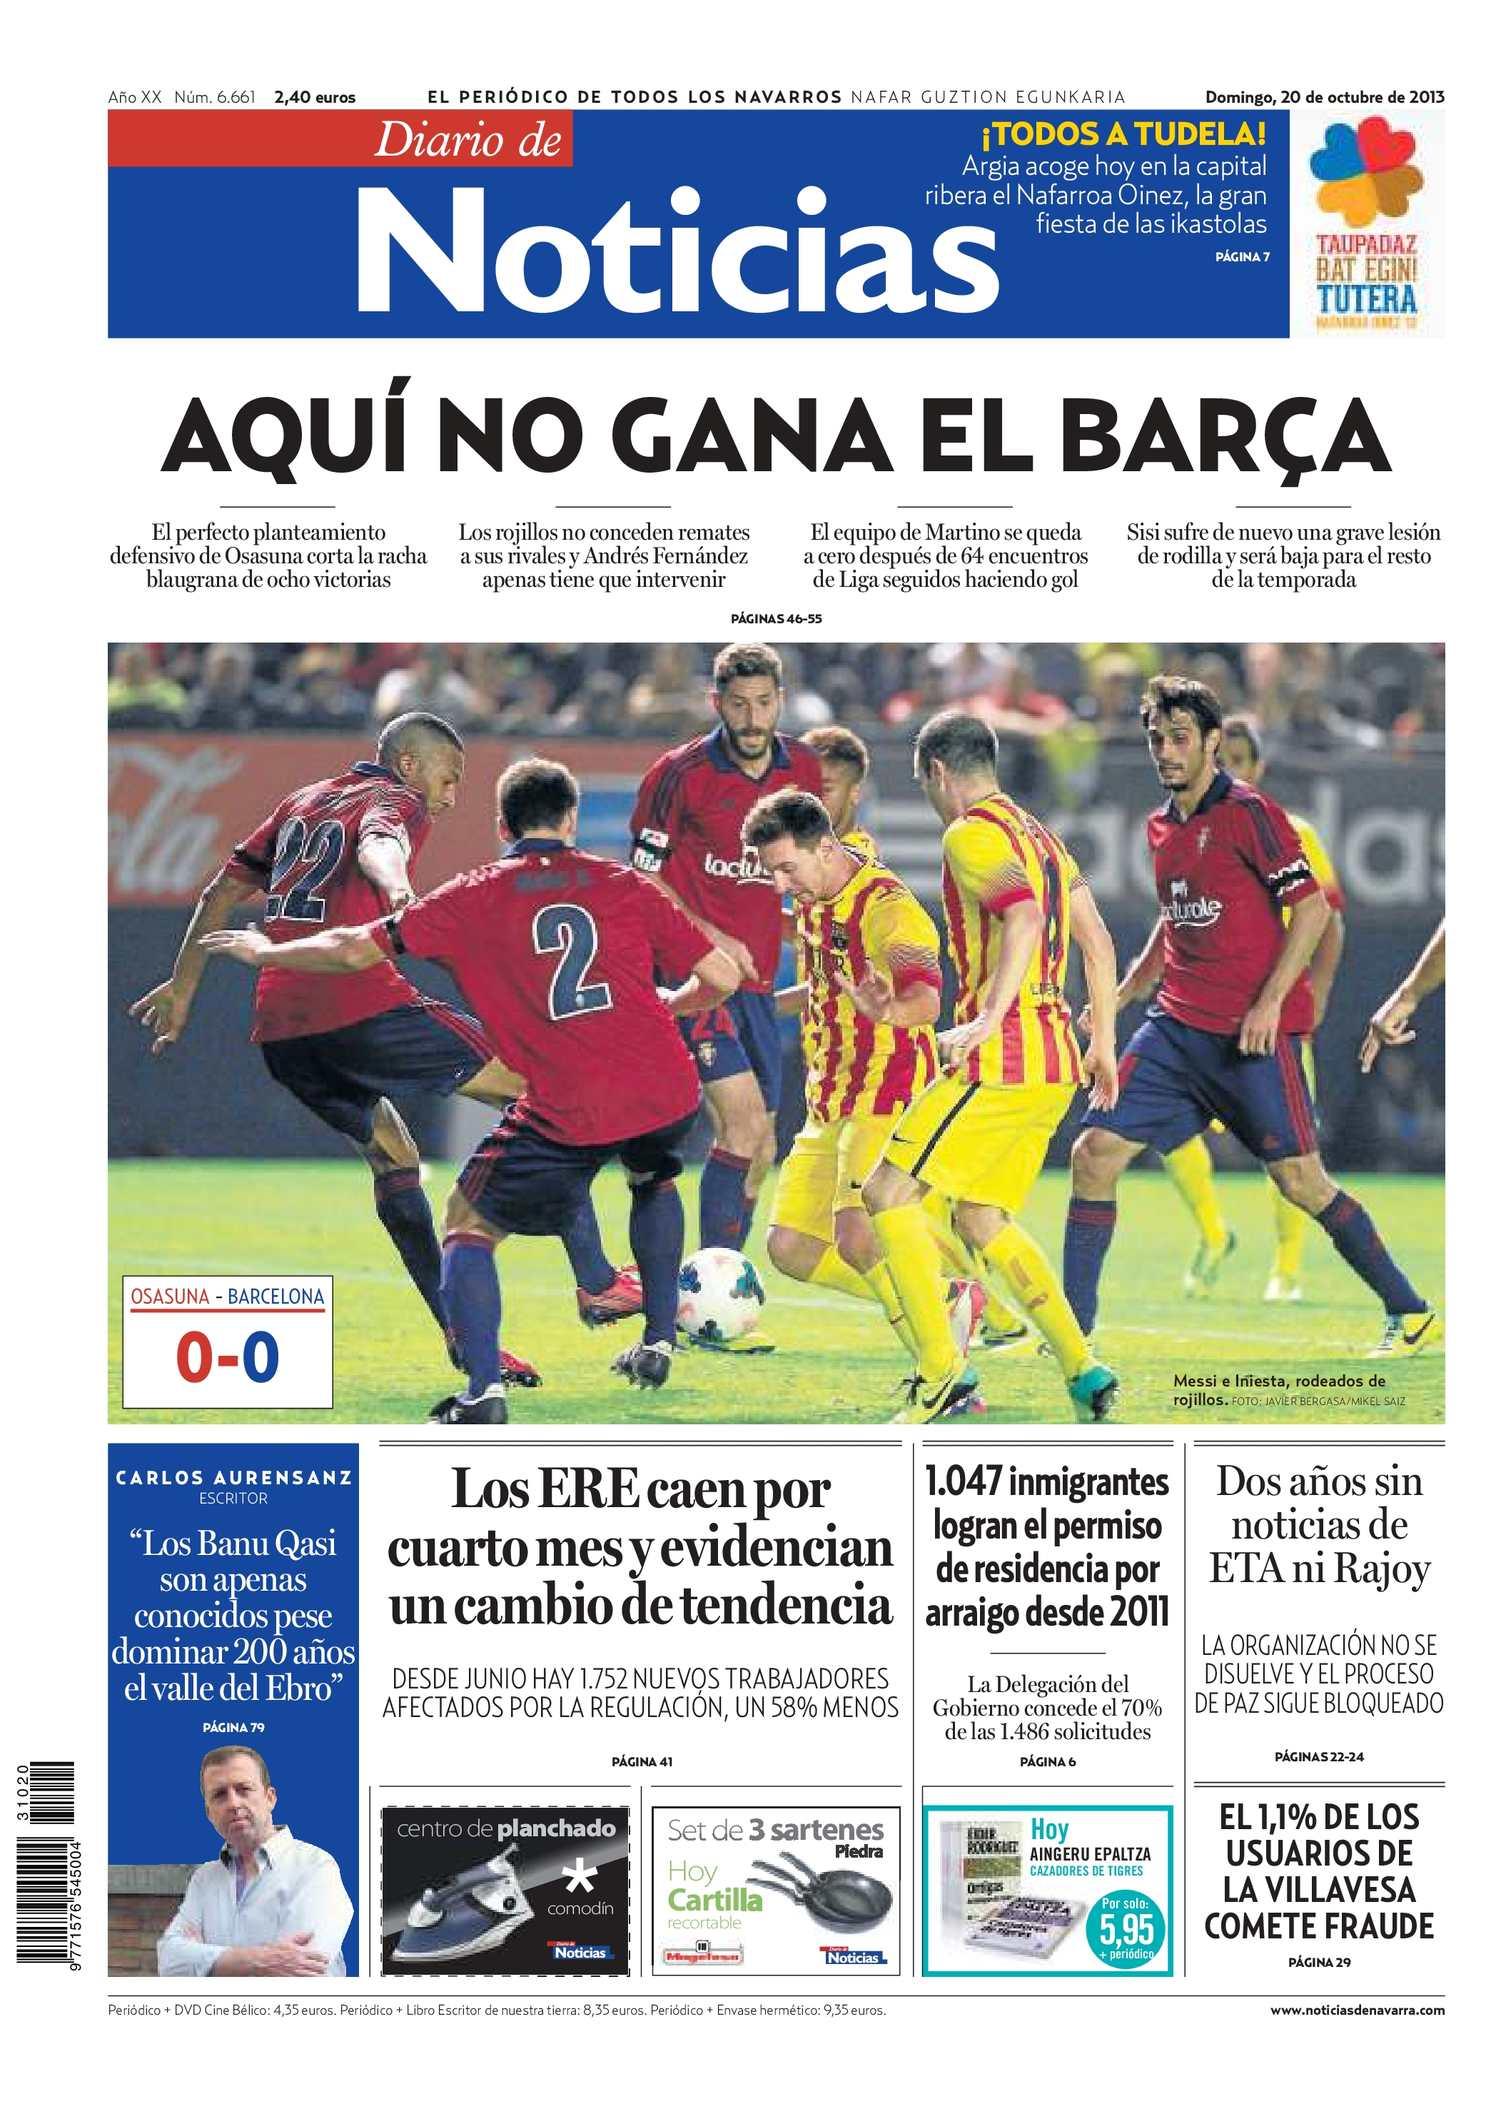 Calaméo - Diario de Noticias 20131020